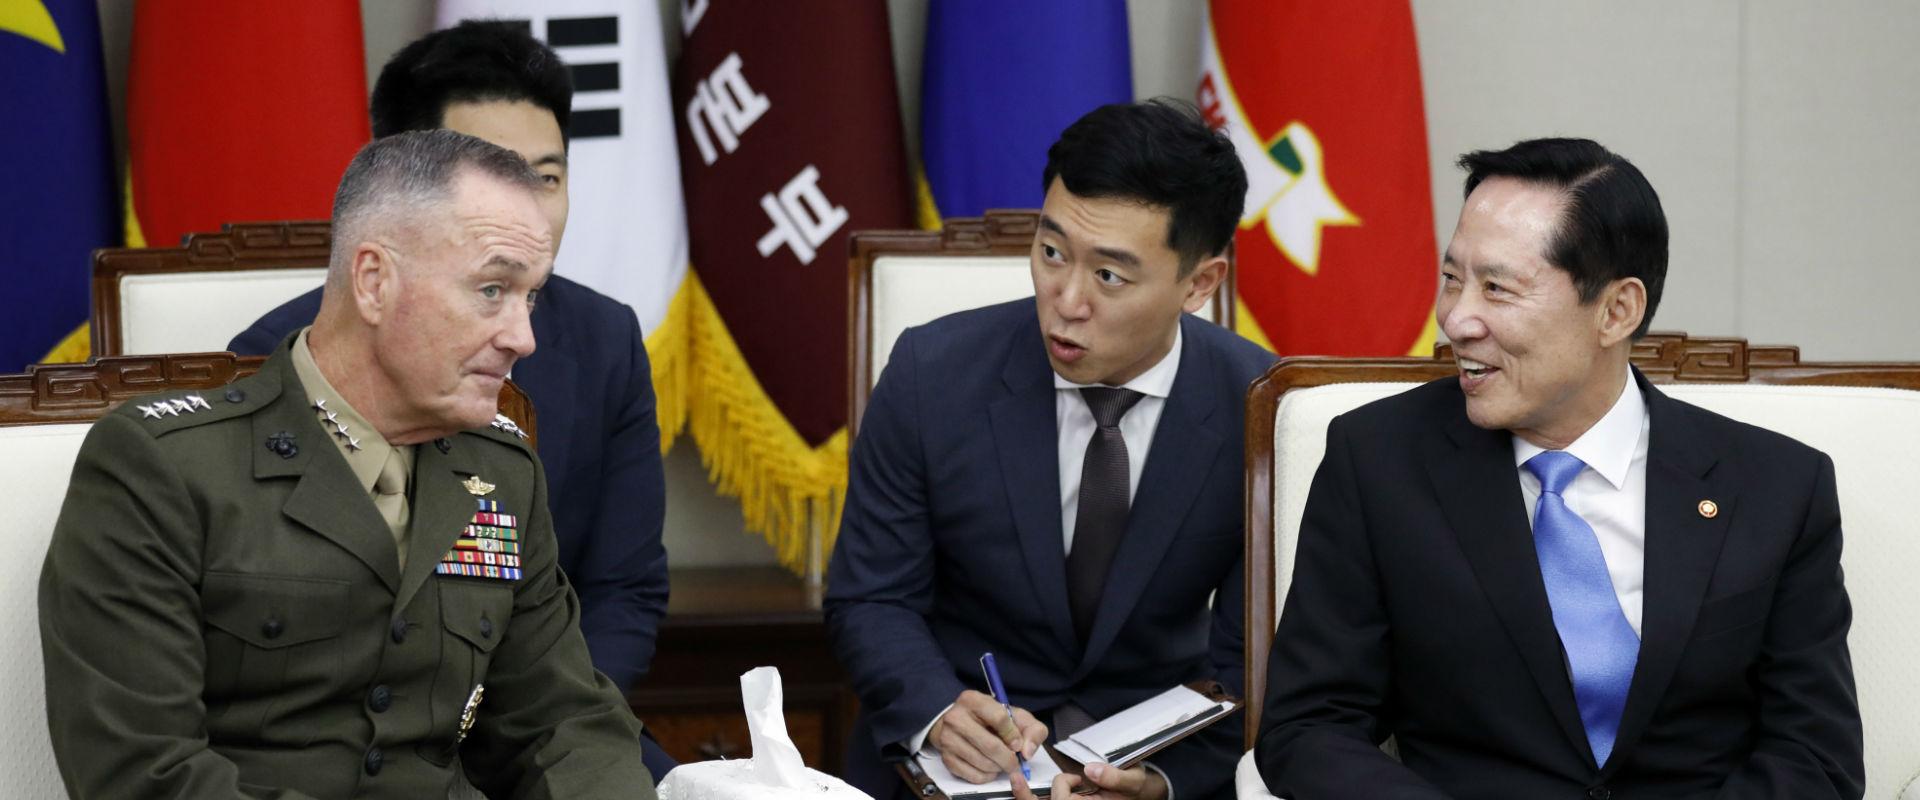 """הרמטכ""""ל האמריקני מבקר בקוריאה הדרומית"""